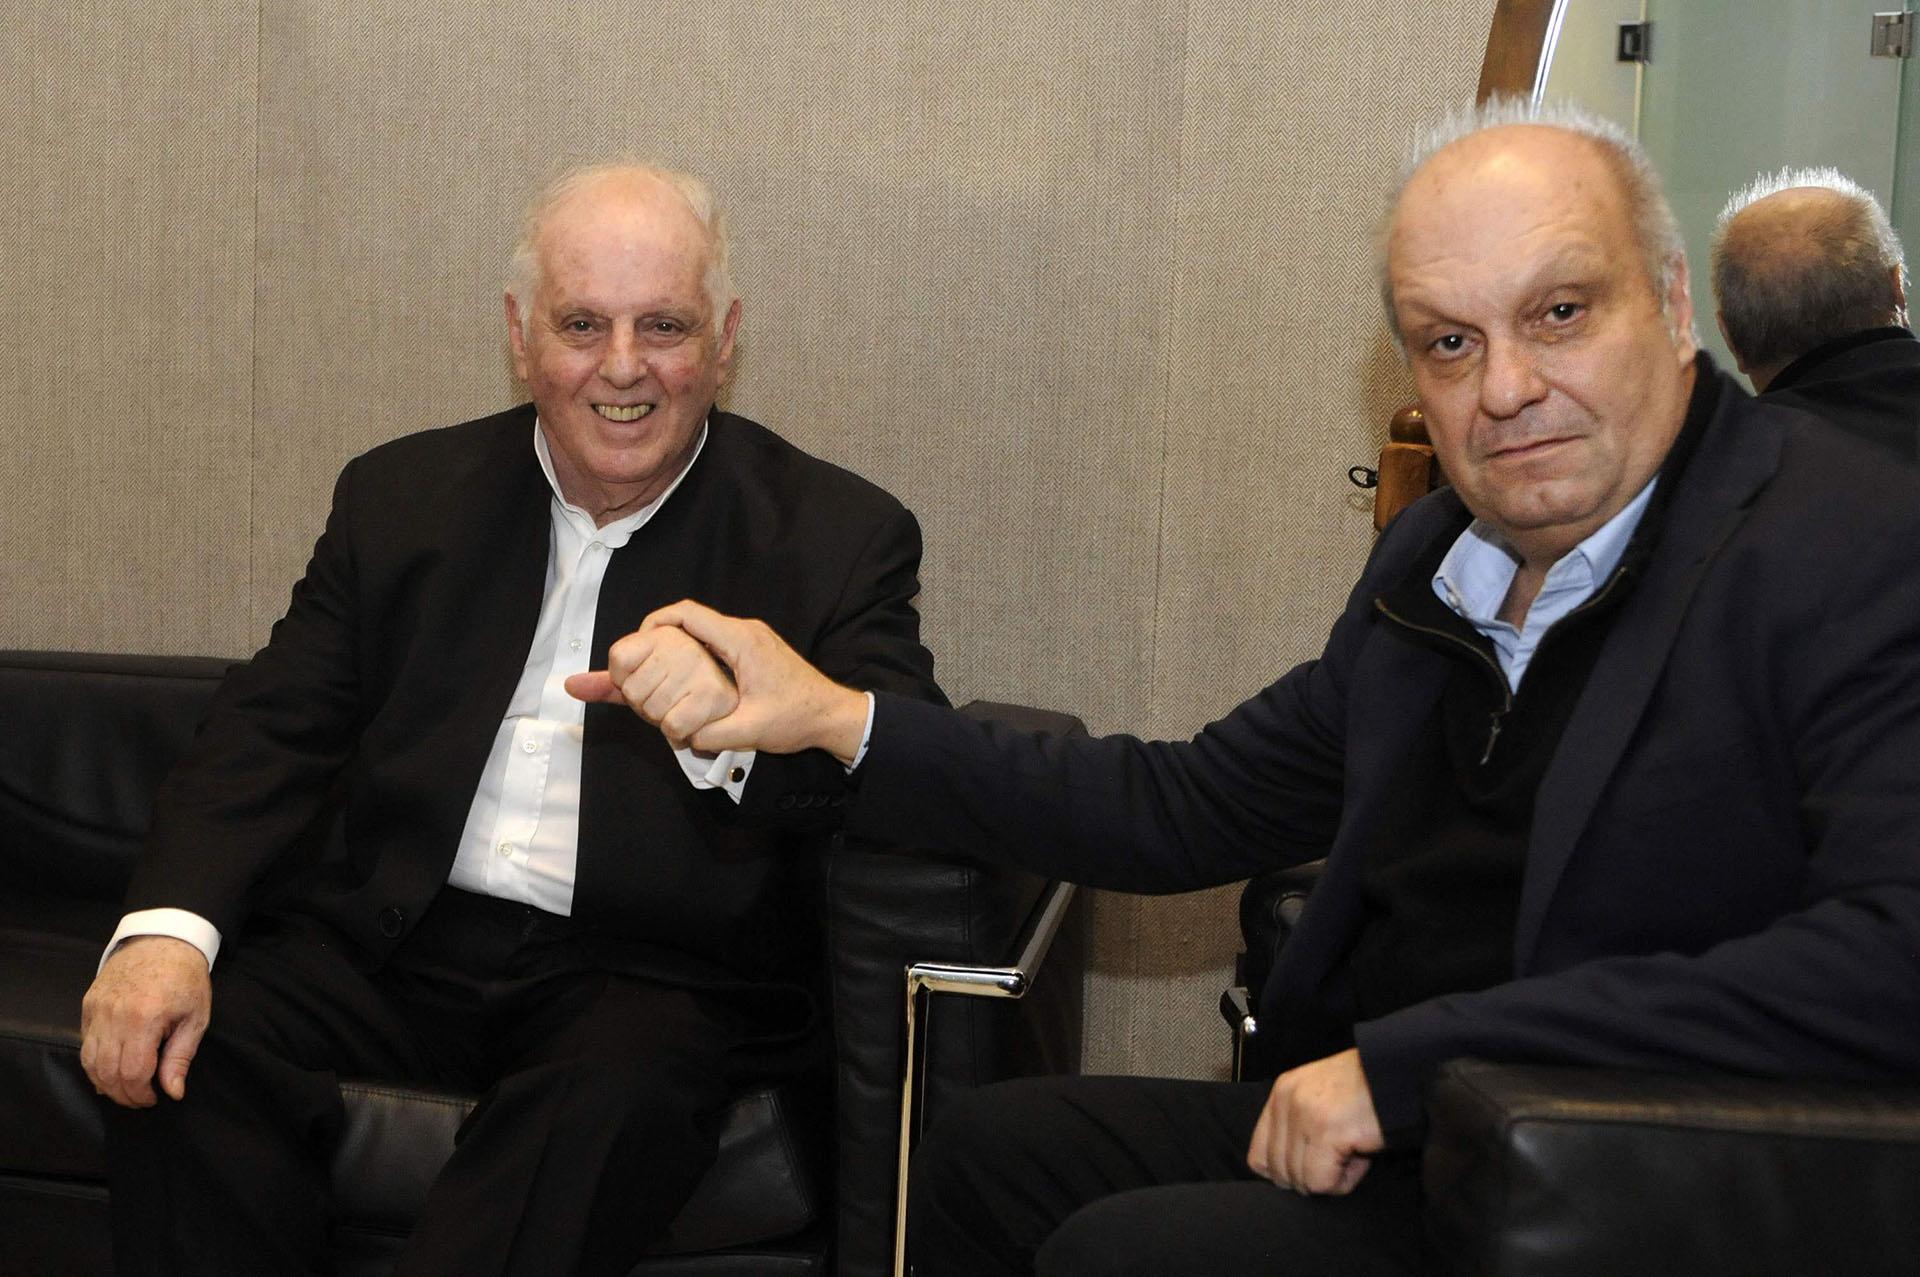 Daniel Barenboim y Hernán Lombardi, titular del Sistema Federal de Medios y Contenidos Públicos